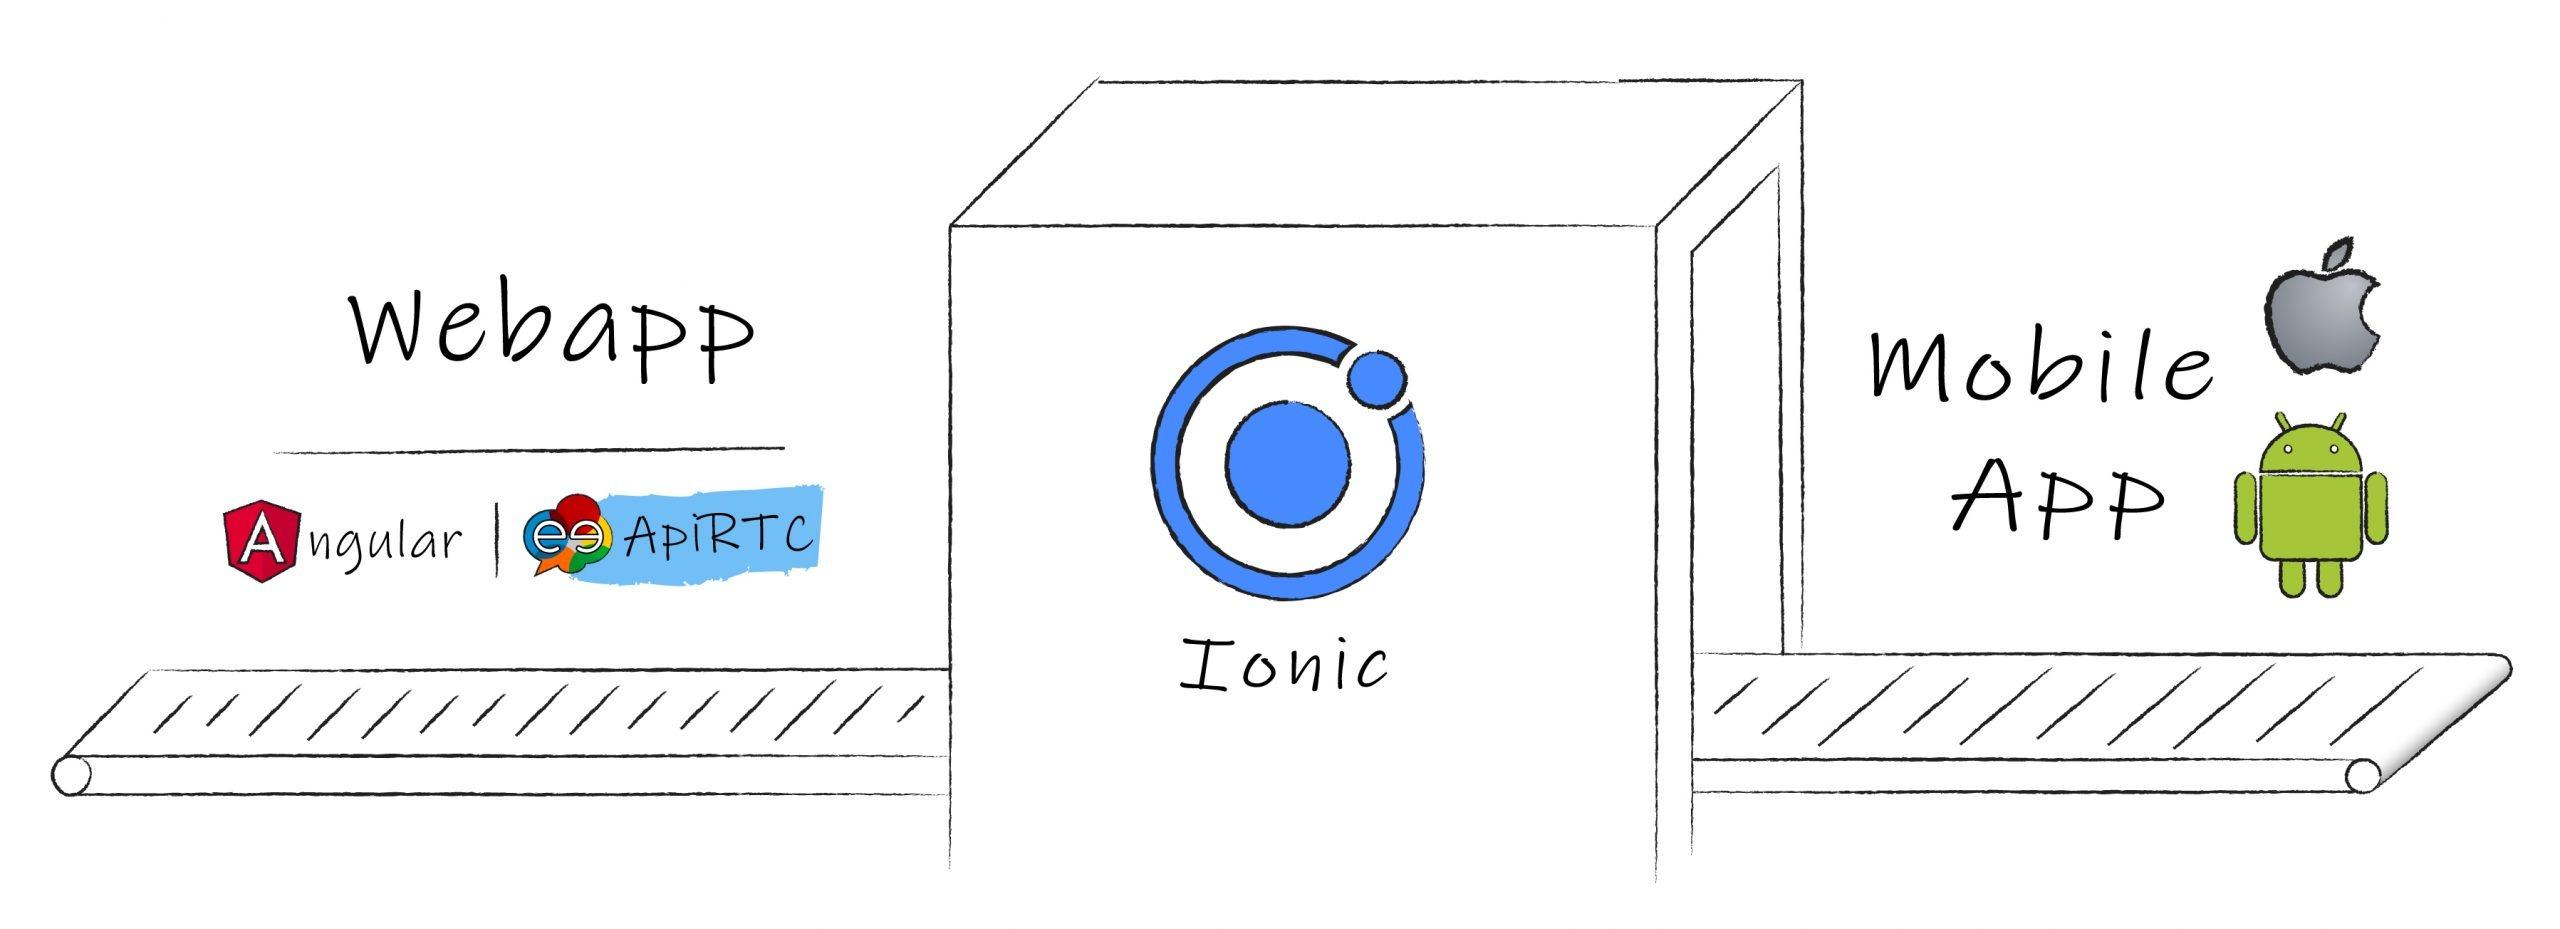 ApiRTC WebRTC Ionic